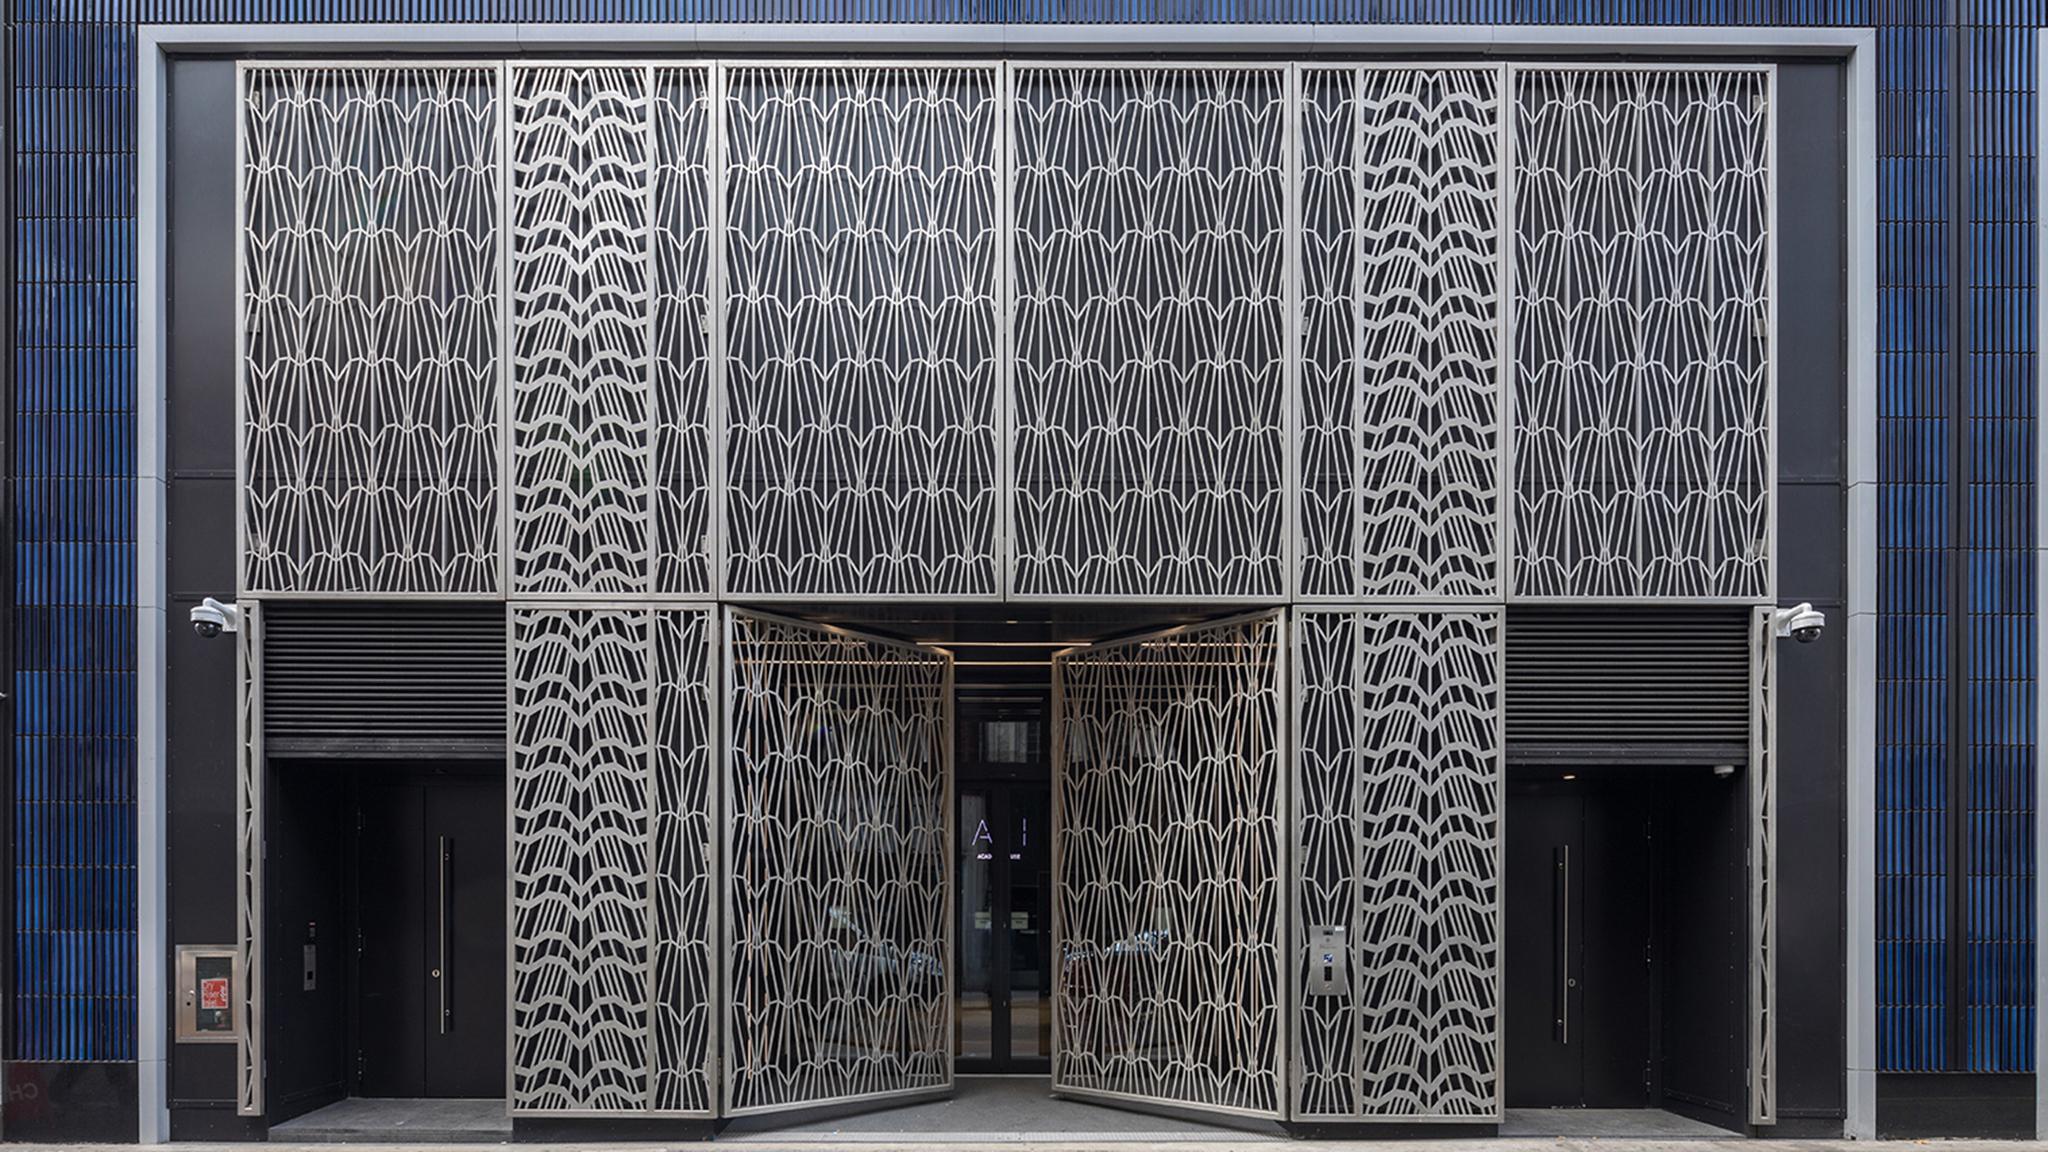 Academy House, 161-167 Oxford Street